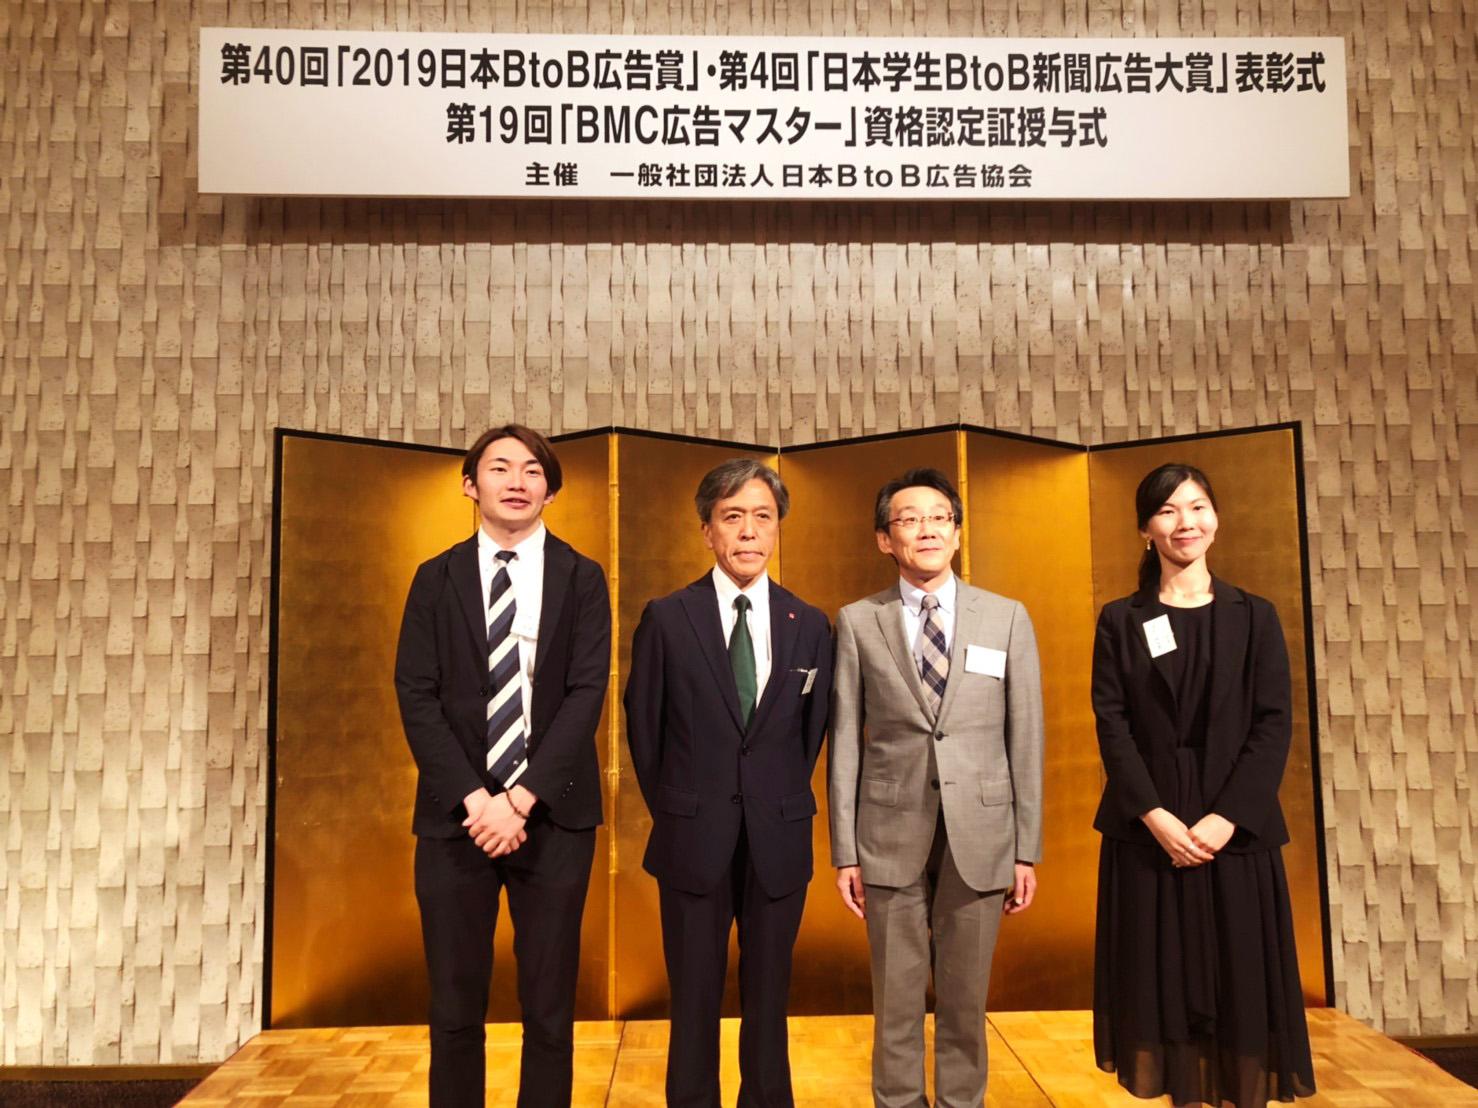 ▲光村図書出版株式会社様(中央のお二人)とパラドックスのメンバー